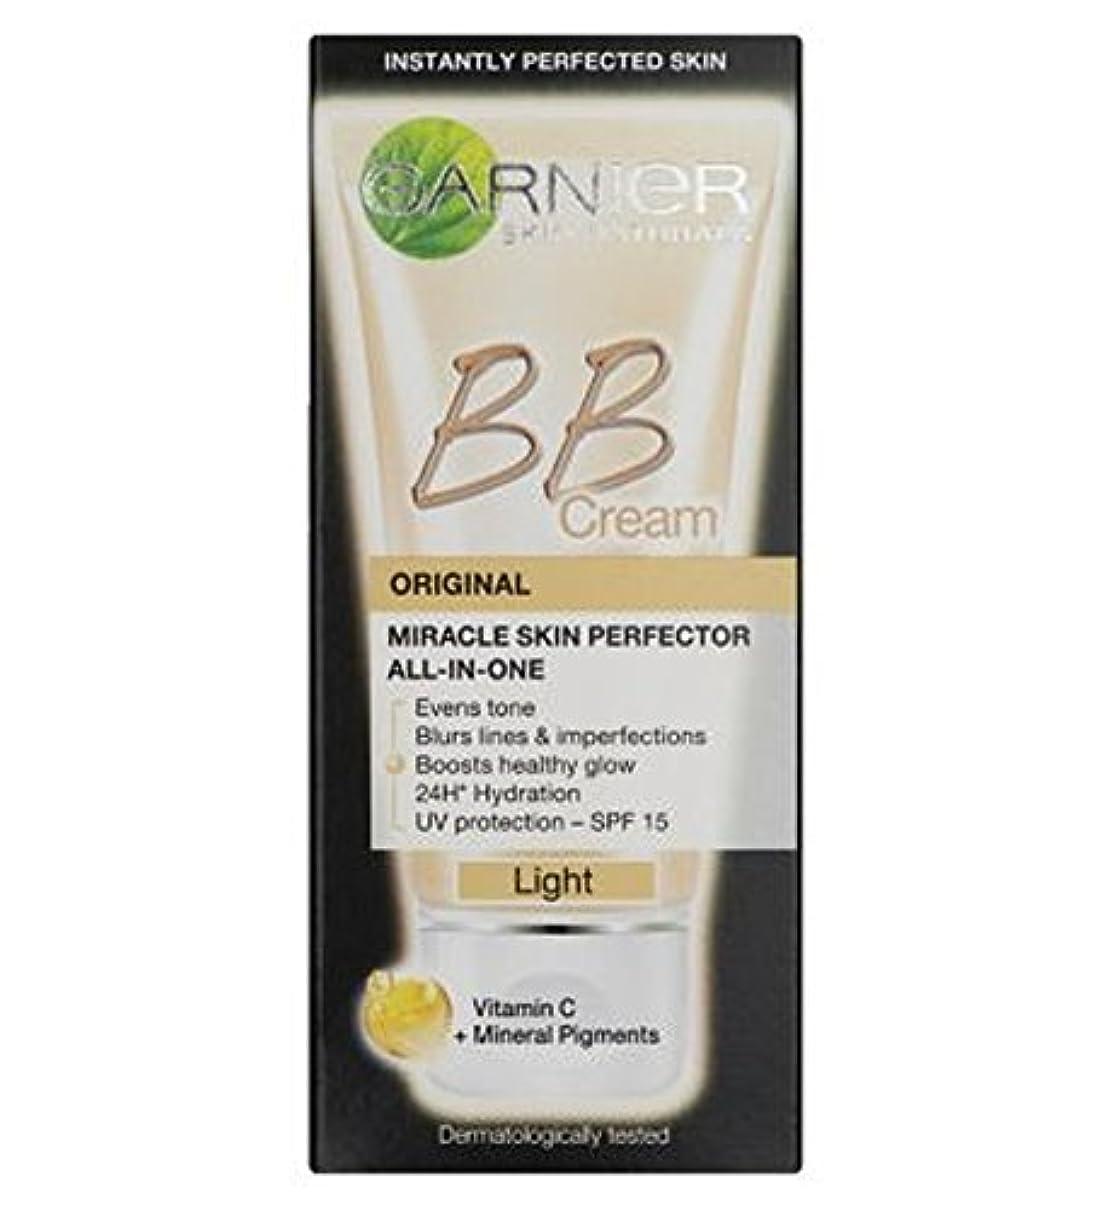 変形する明確に思春期Garnier Skin Perfector Daily All-In-One B.B. Blemish Balm Cream Light 50ml - 毎日オールインワンB.B.ガルニエスキンパーフェク傷バームクリームライト...